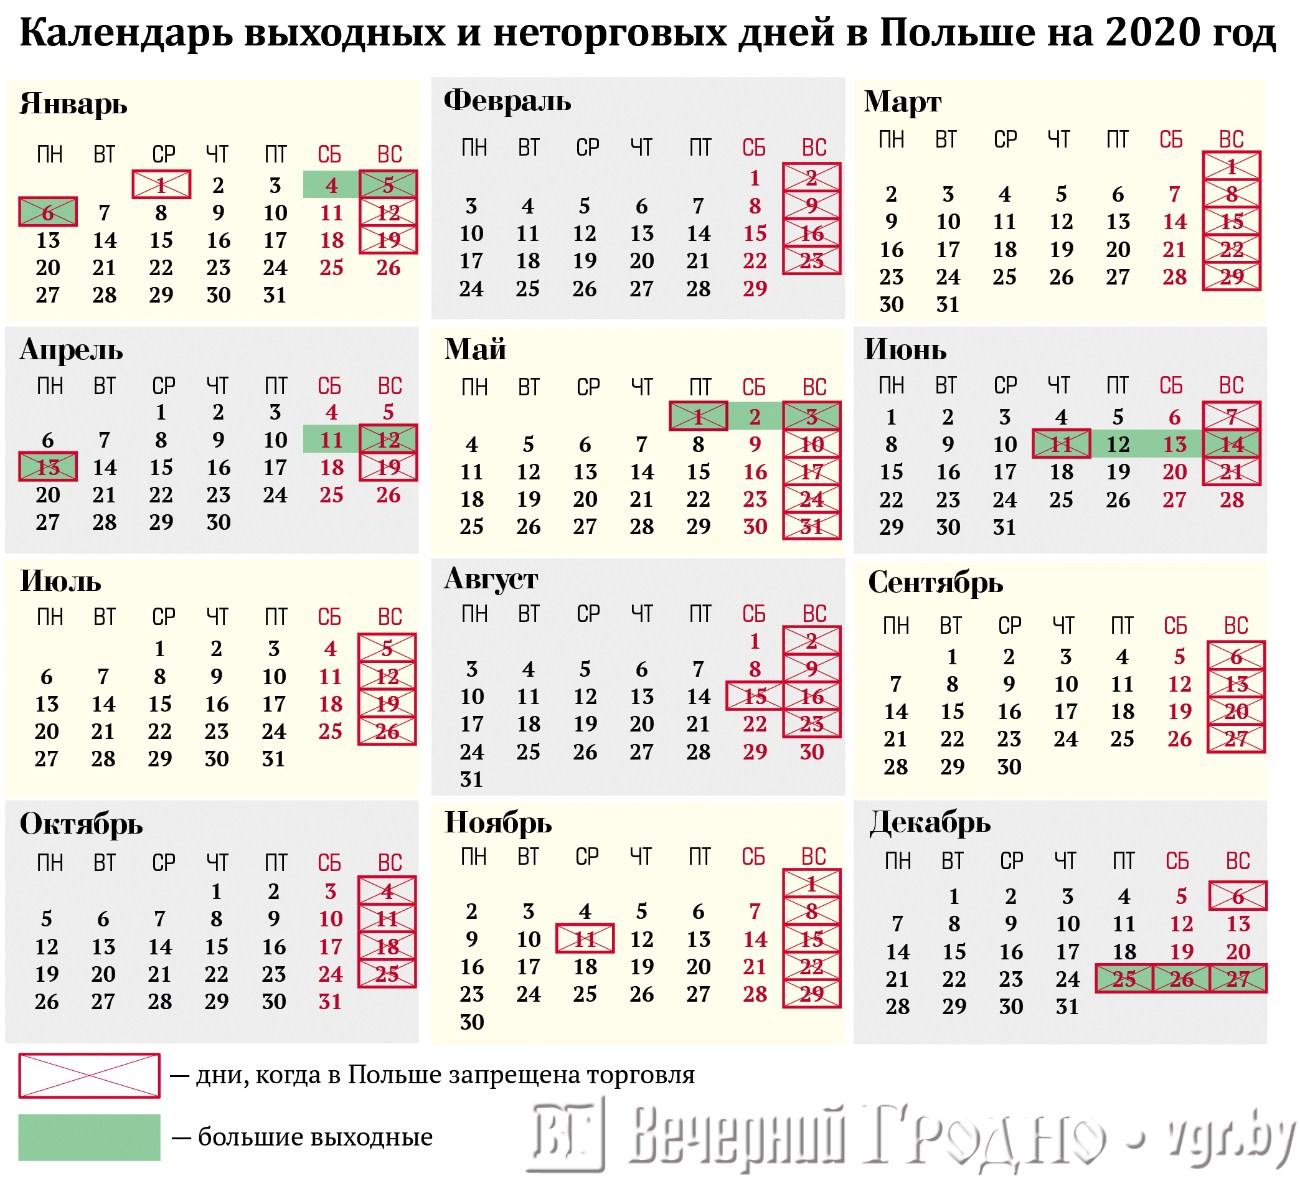 Календарь выходных и неторговых дней в Польше на 2020 год